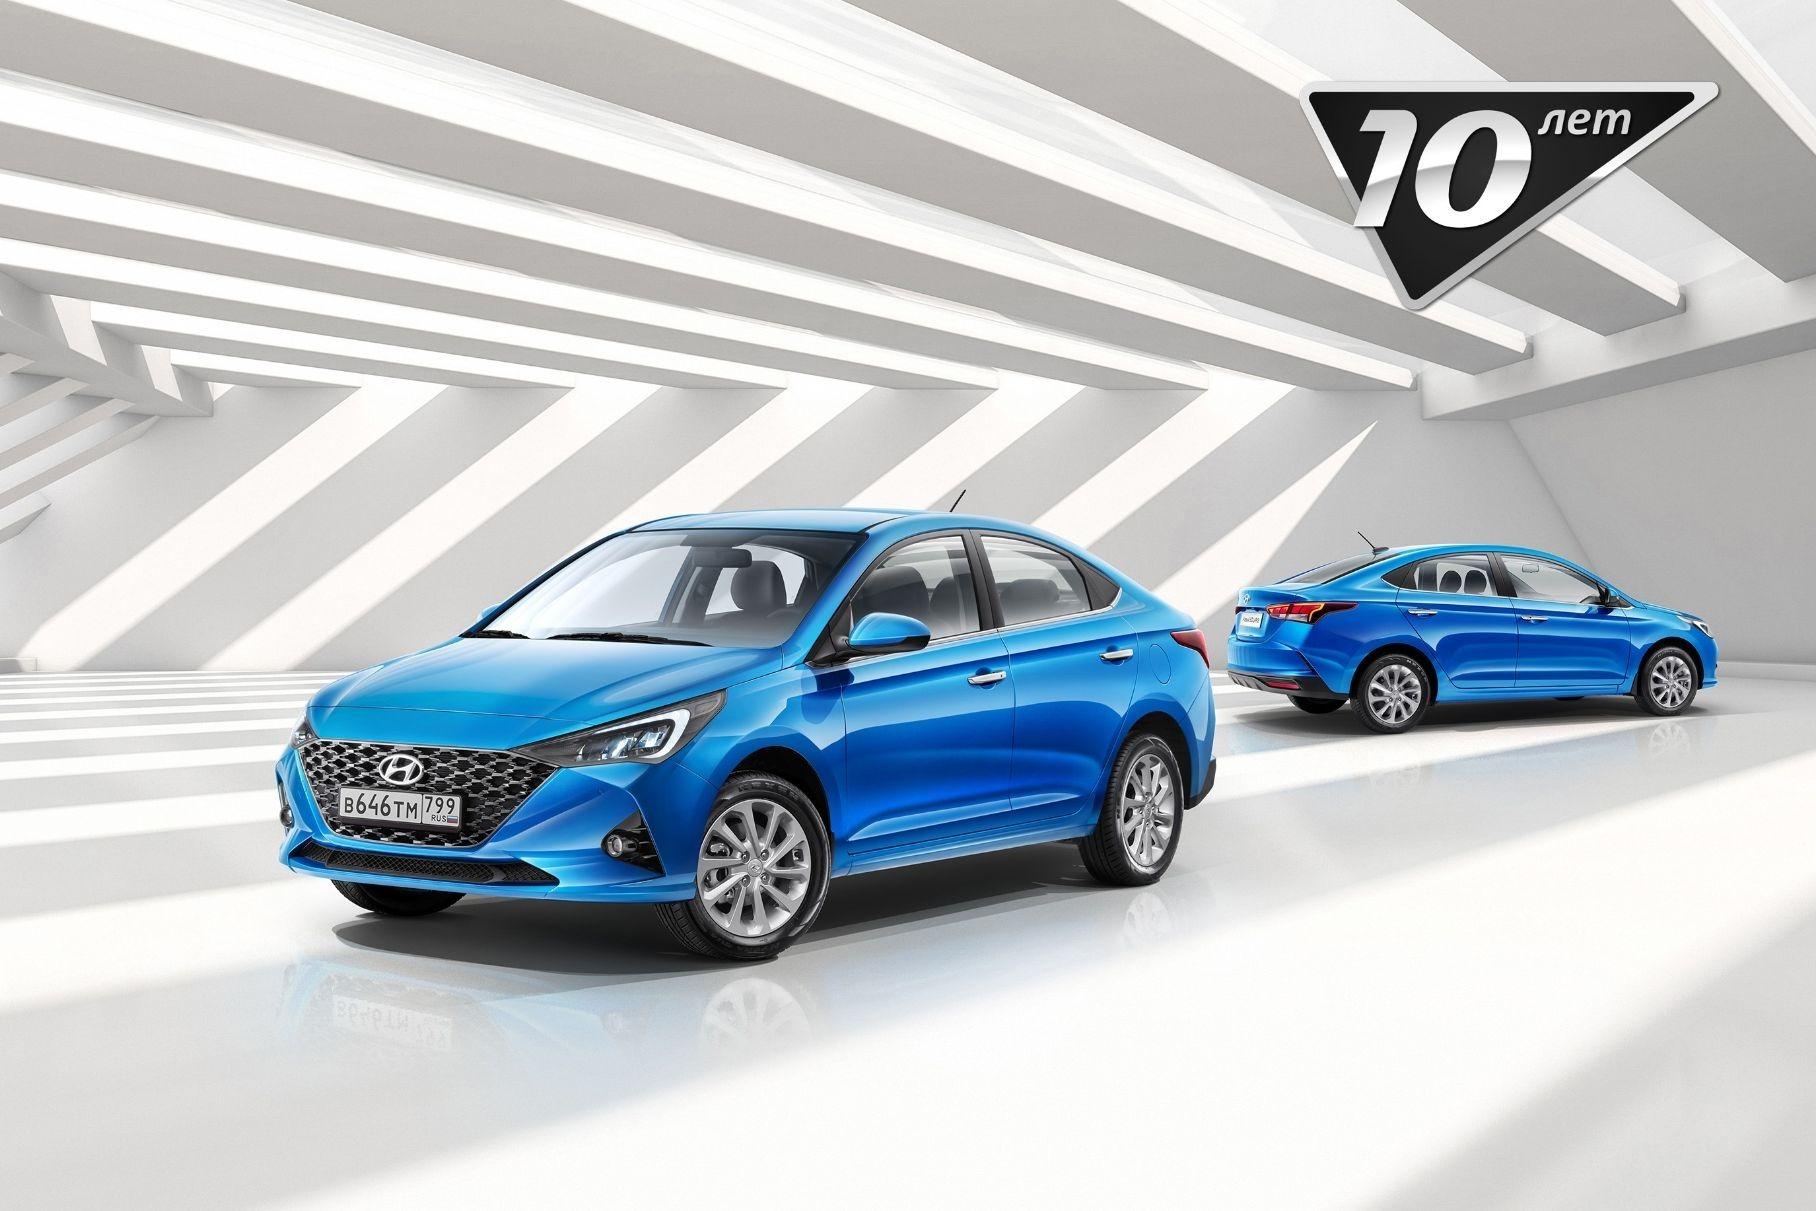 Объявлены цены на лимитированную серию Hyundai Solaris в России